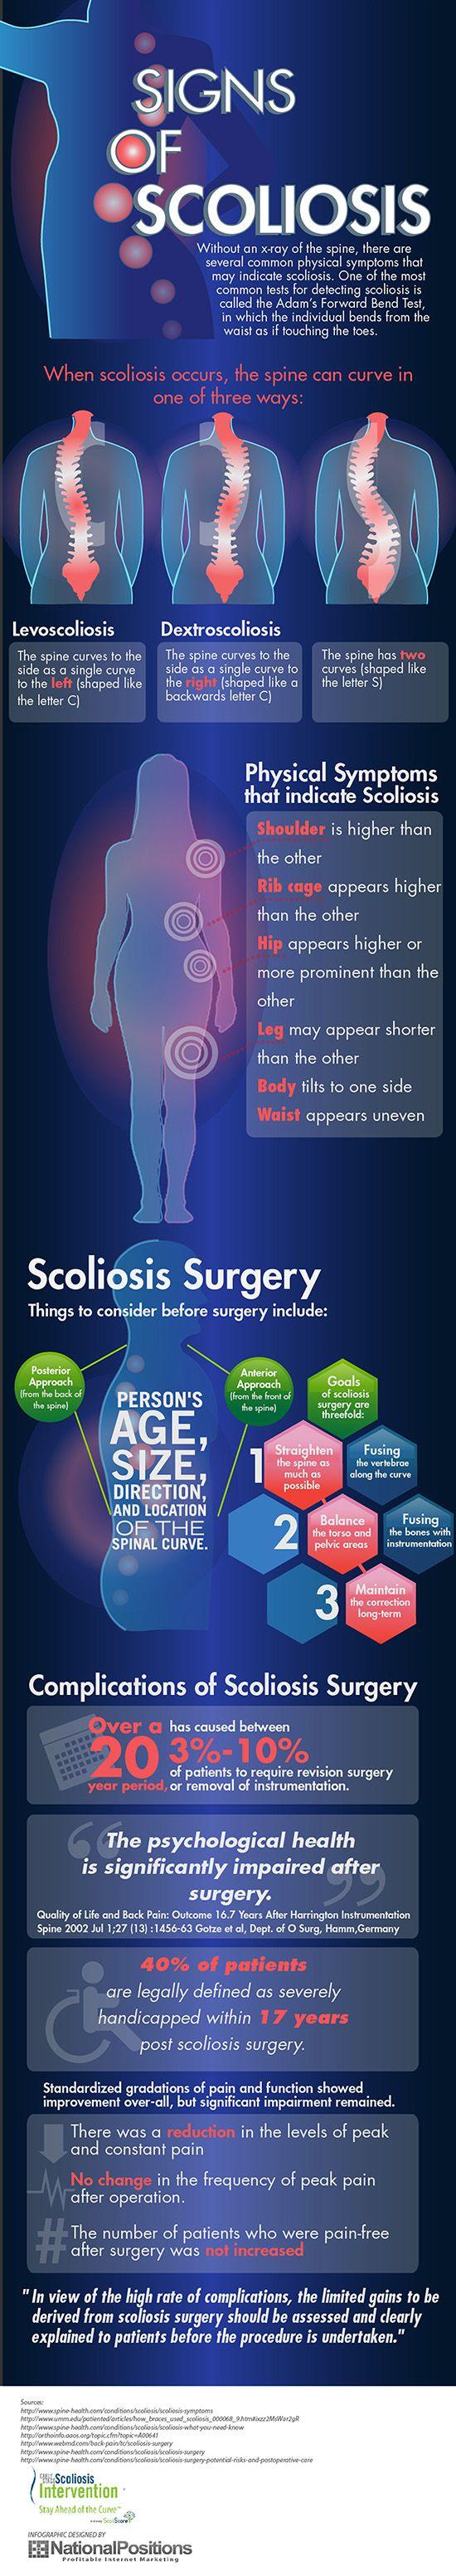 Signos de Scoliosis. haraiberia.com